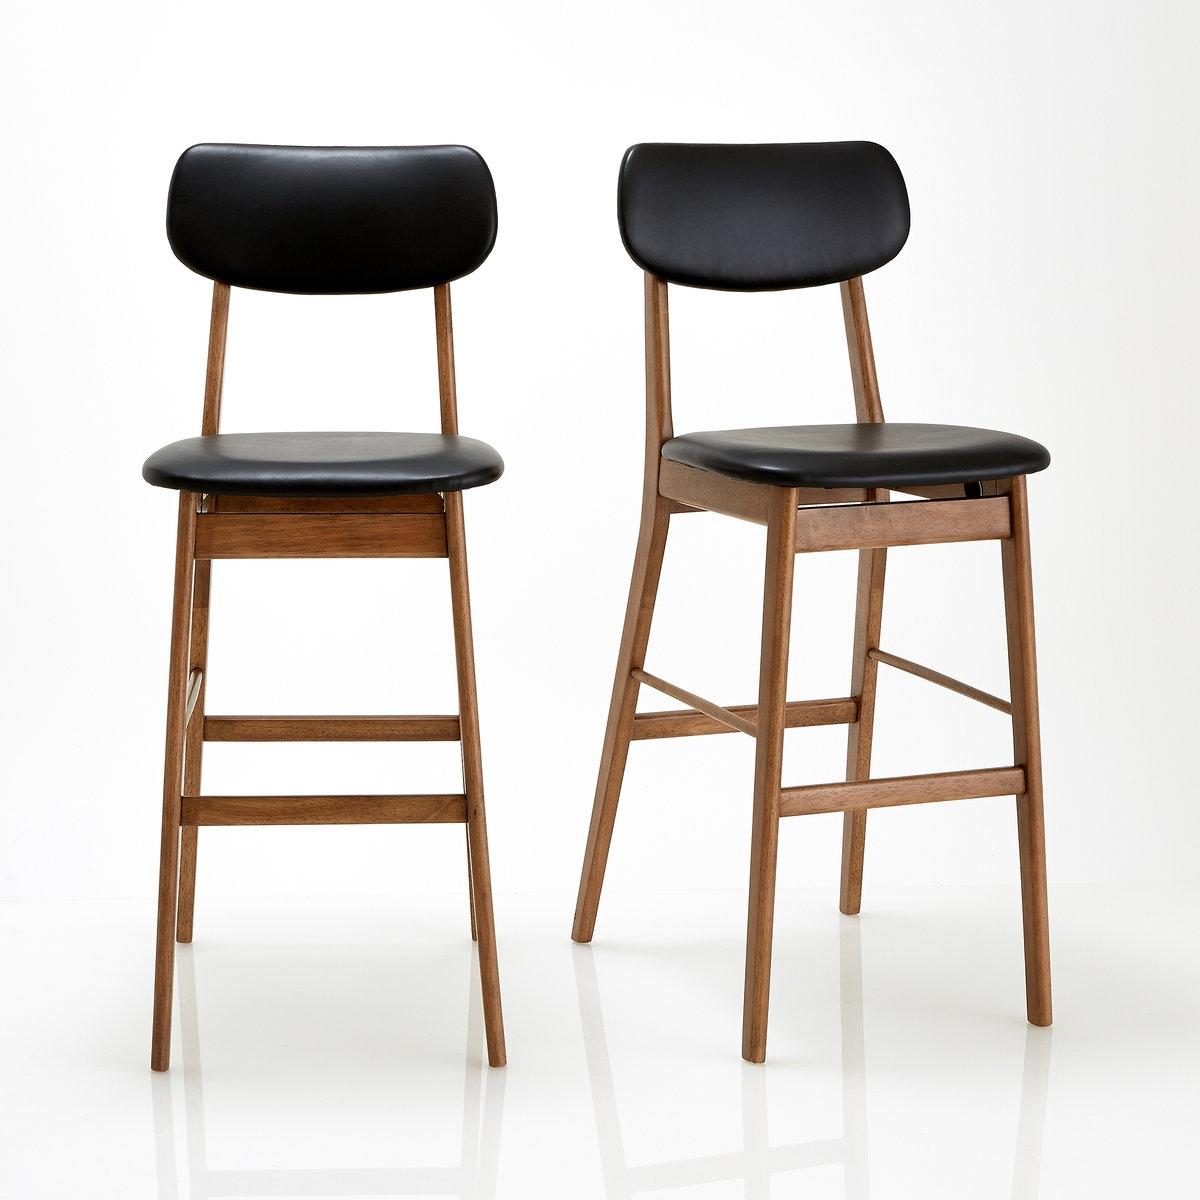 Стула La Redoute Барных WATFORD единый размер каштановый стула la redoute барных watford единый размер каштановый